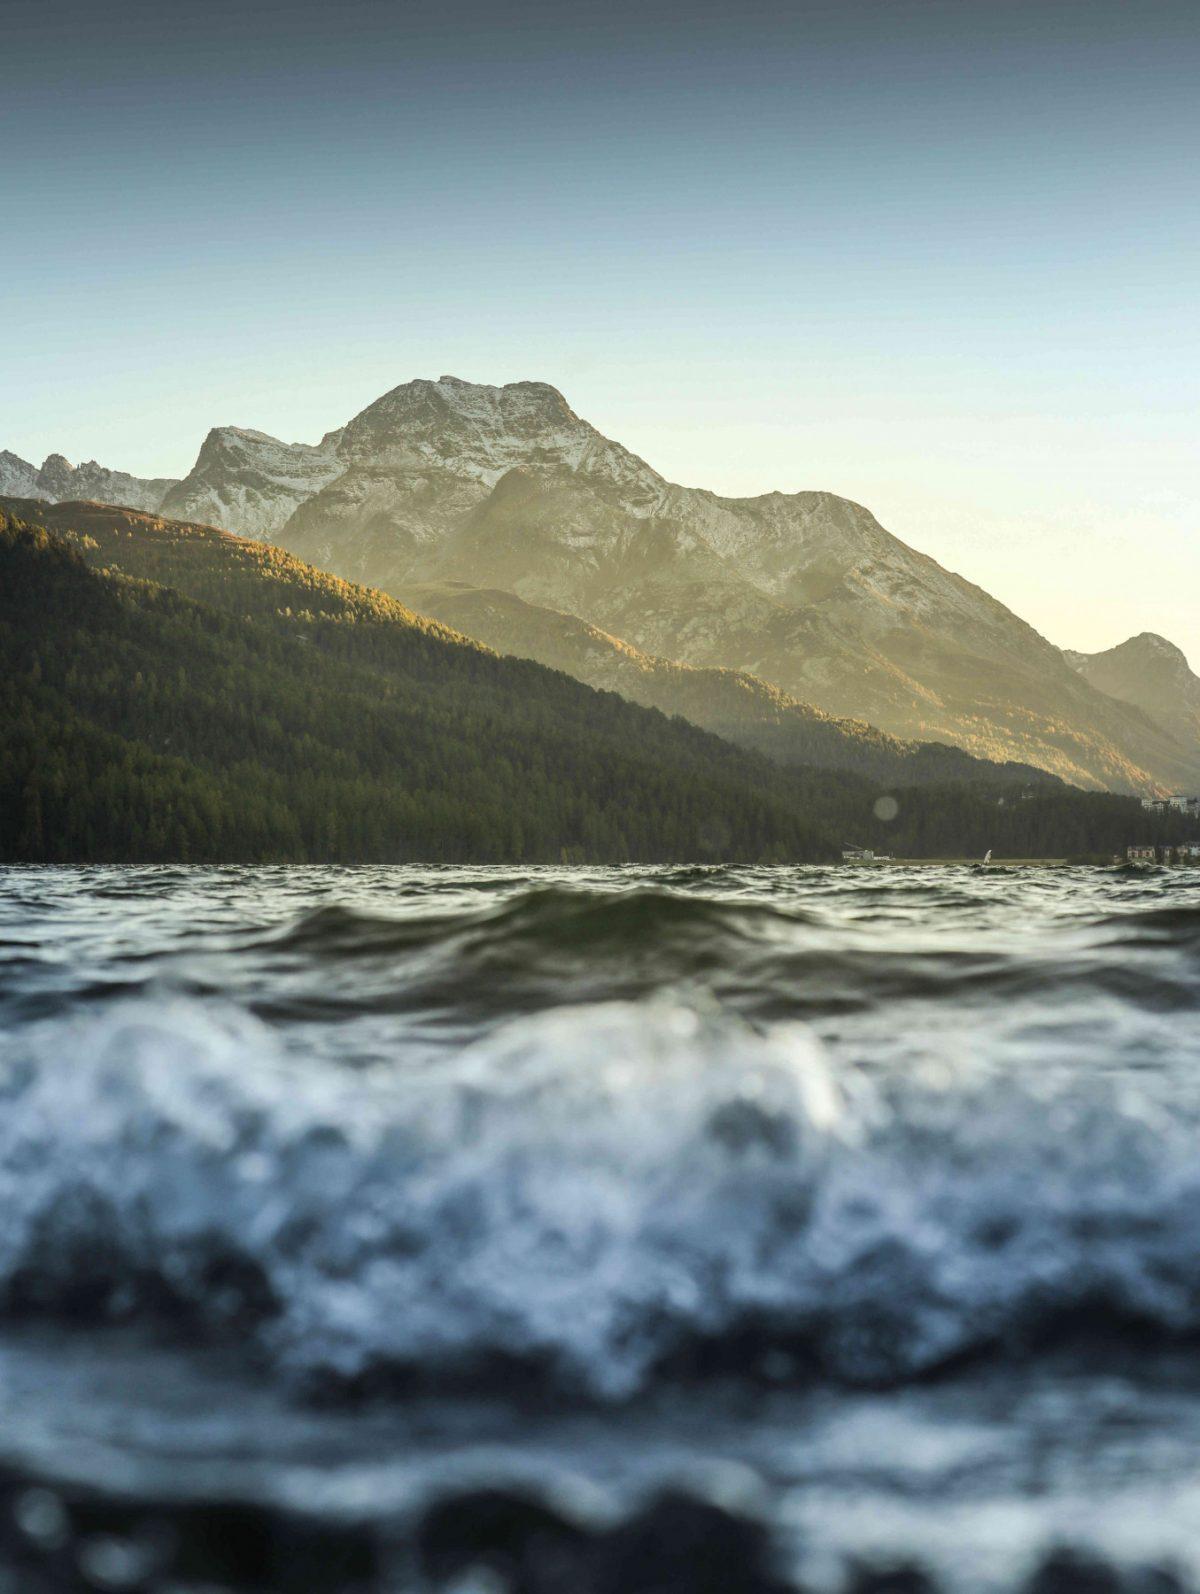 Silvaplana mountain in the Swiss canton of Graubünden